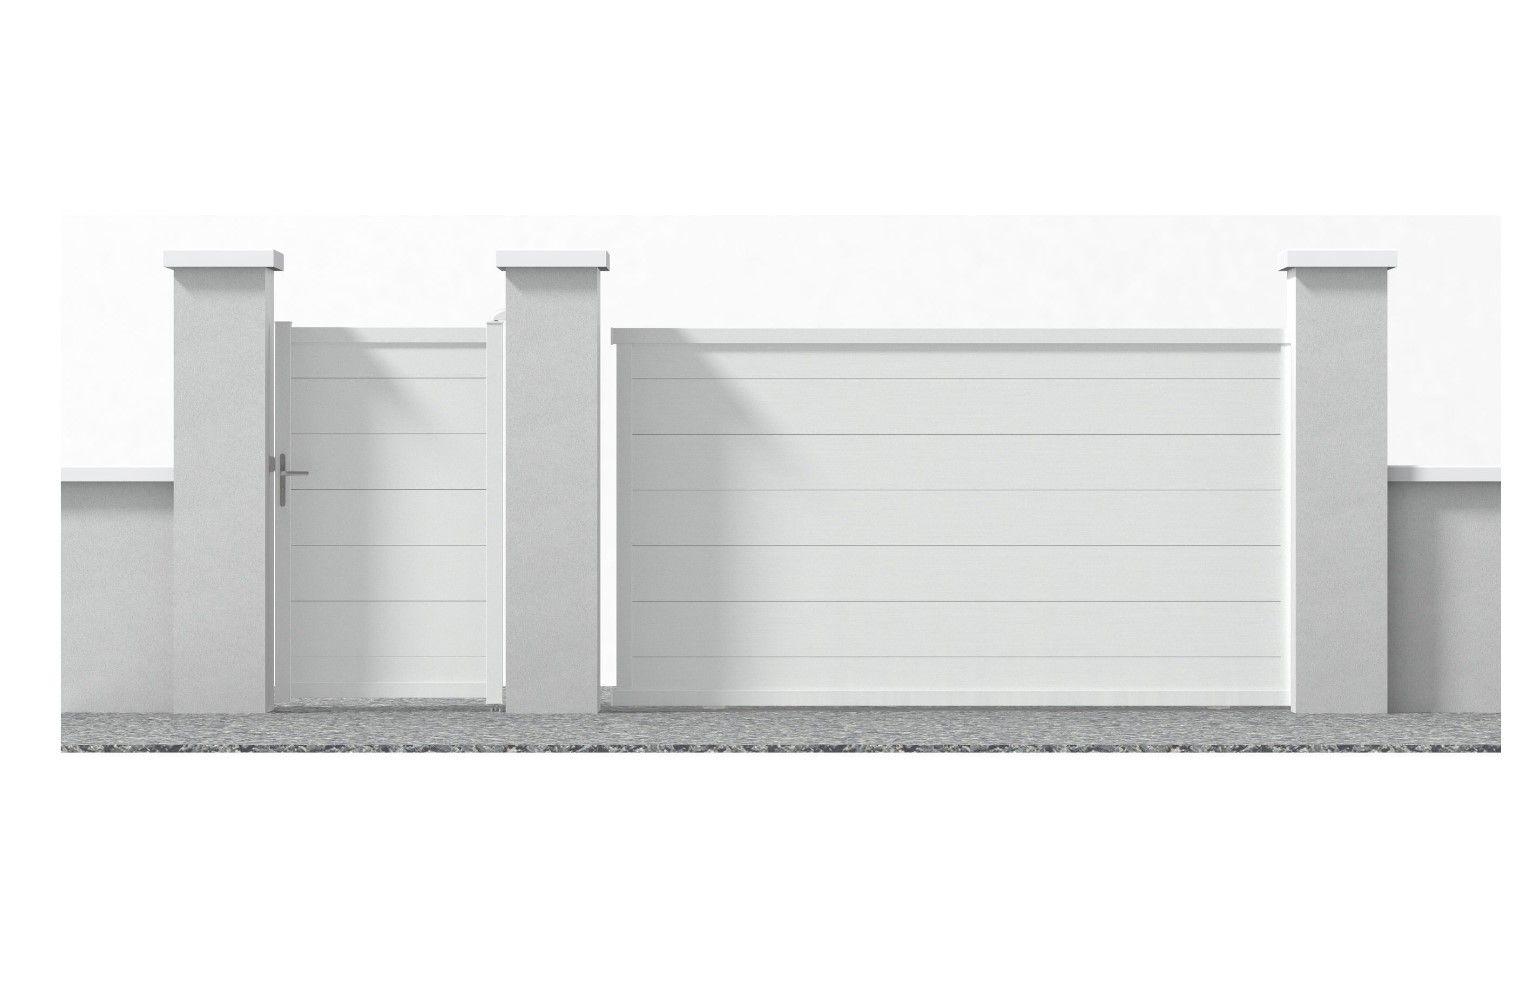 Portail Coulissant En Alu Lyon Blanc 350 Cm Soldes Portail Castorama Iziva Com En 2020 Portail Coulissant Castorama Portail